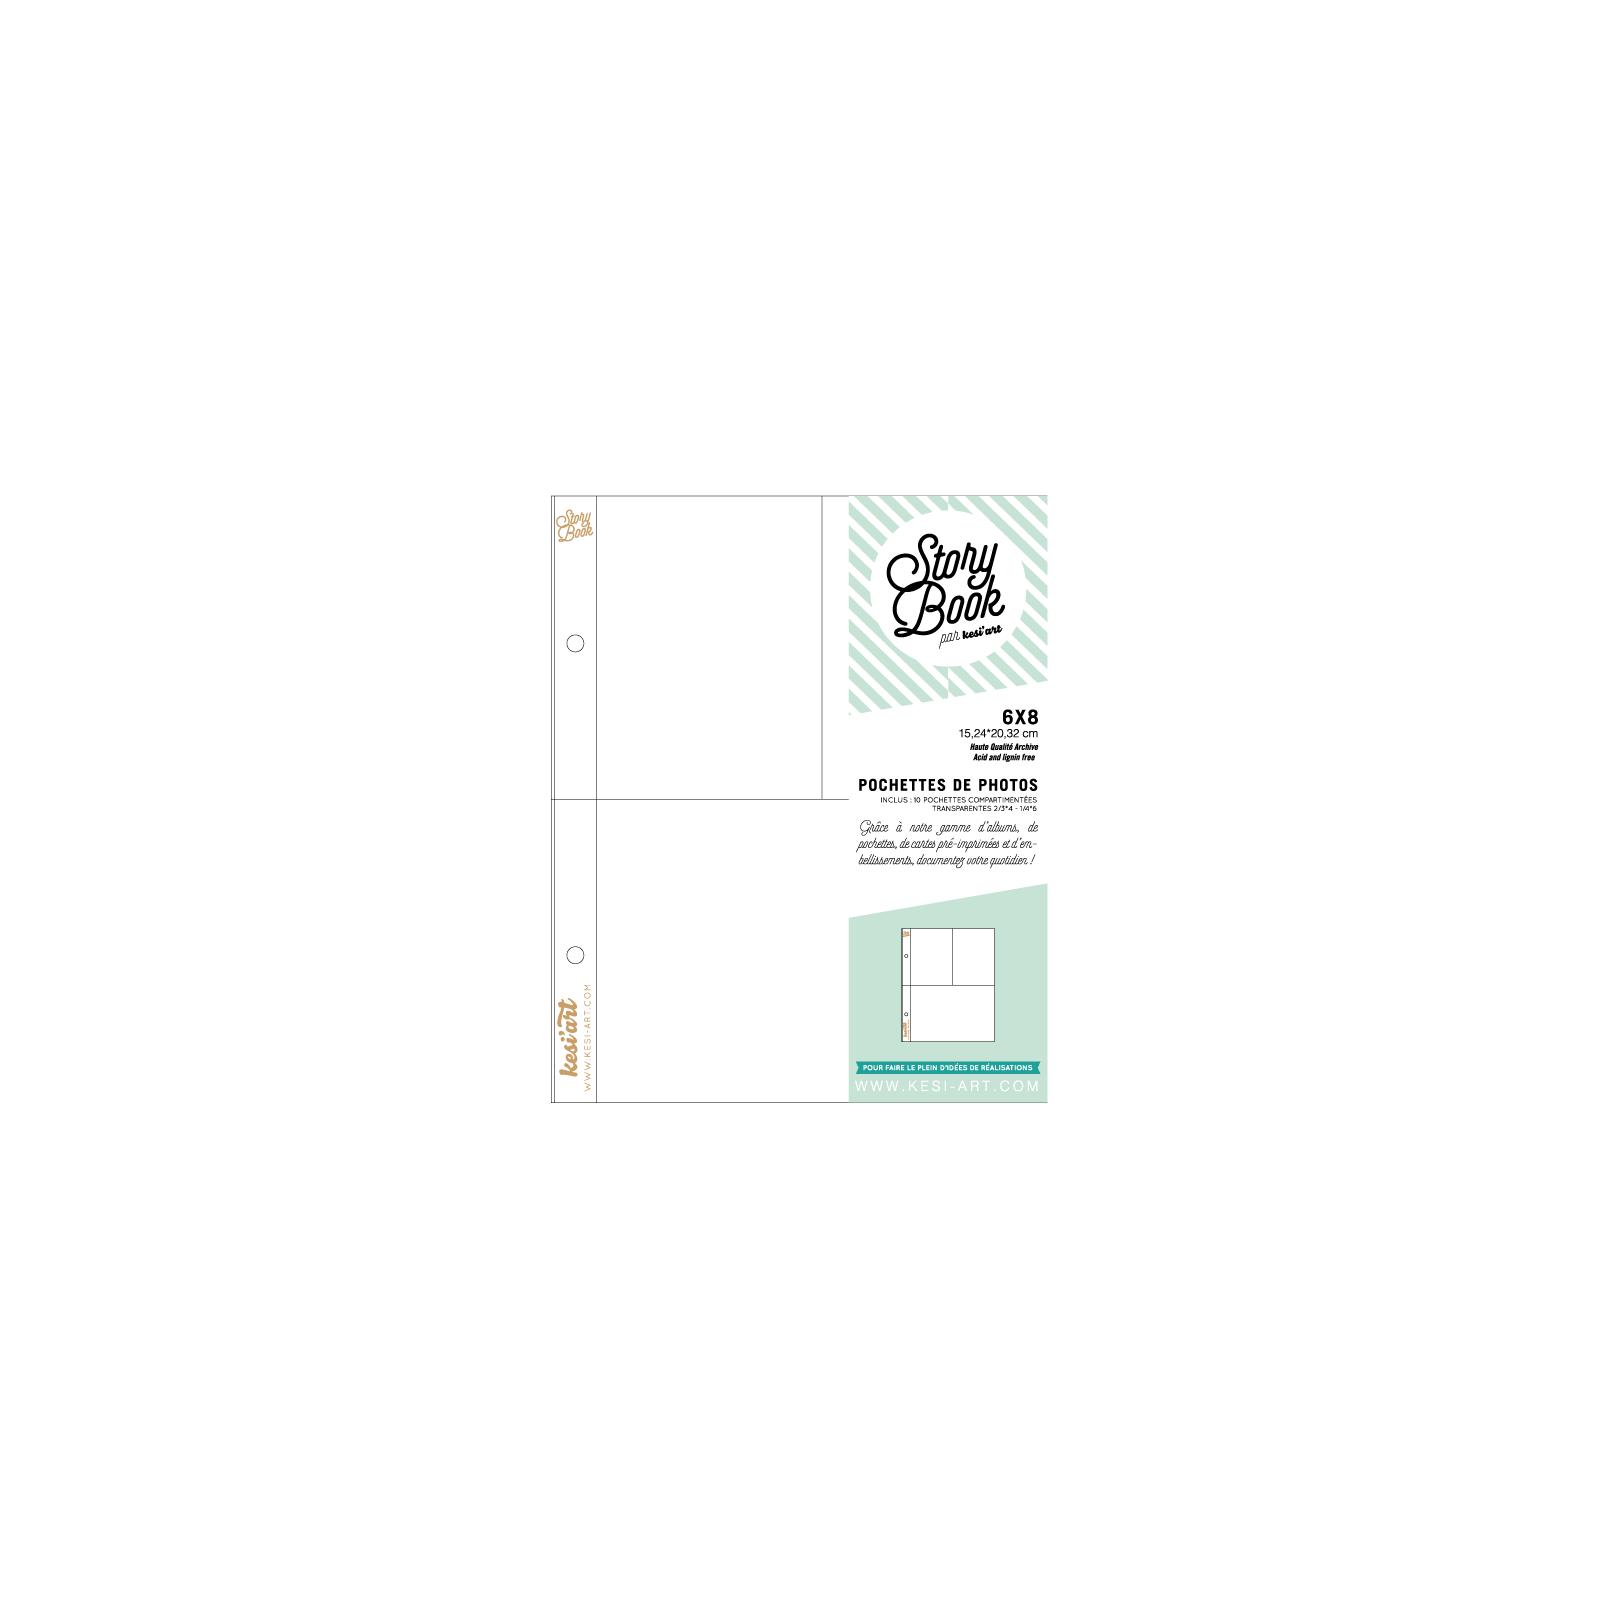 Pochettes Story Book 15x20 - 1 compartiment 10x15 et 2 compartiments 7,5x10 - Kesi'art